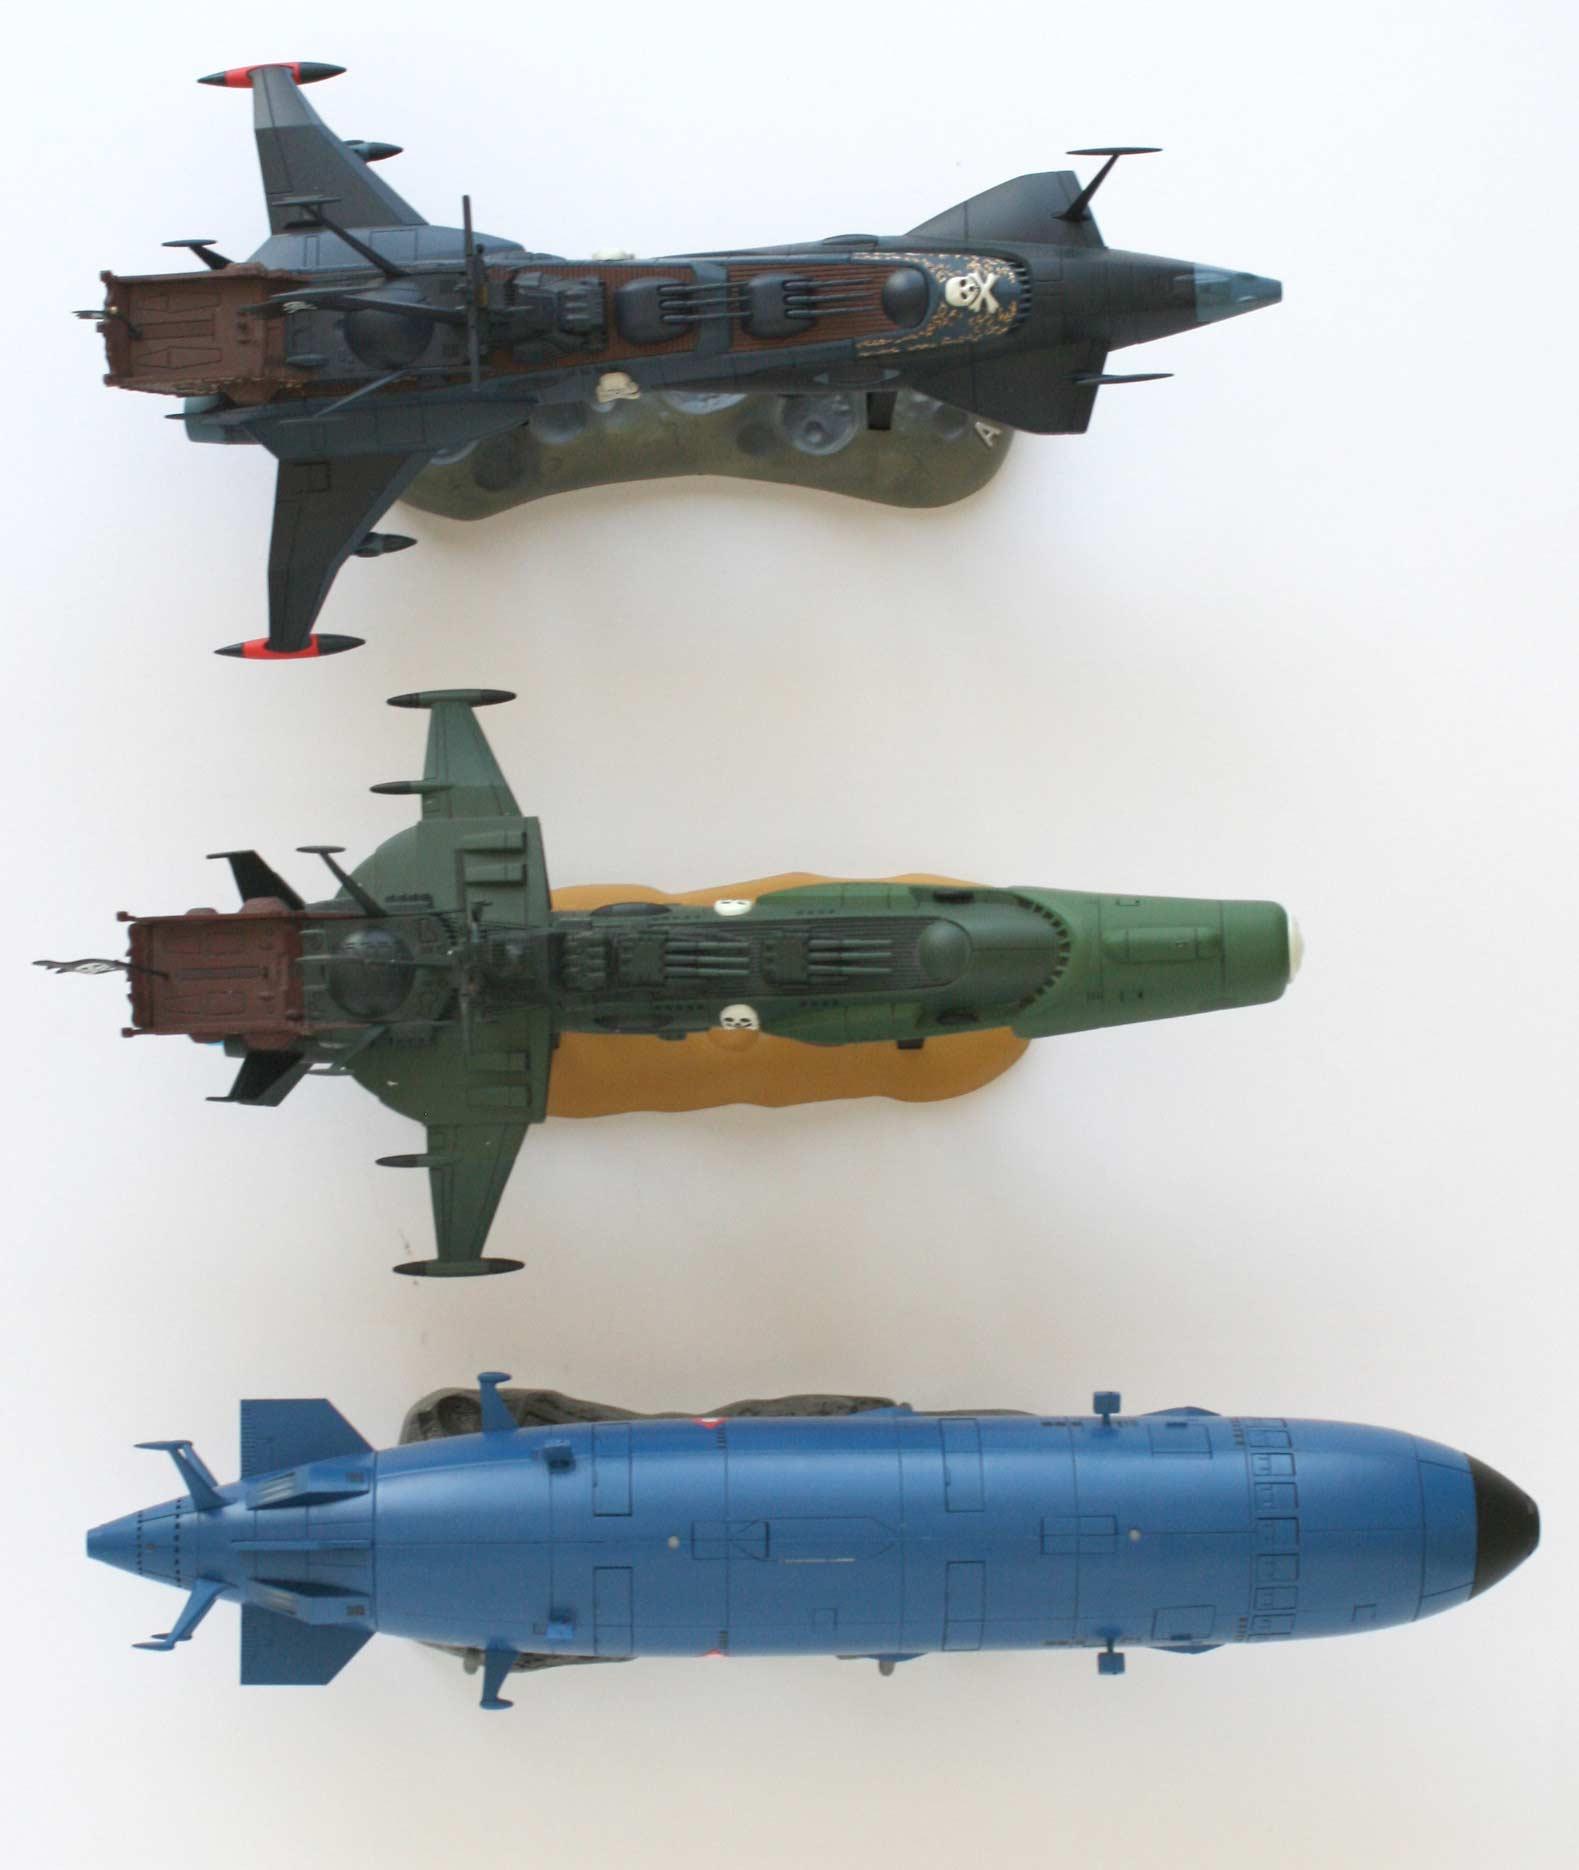 Comparaison de l'Arcadia, du Death Shadow et du Queen Emeraldas d'Aoshima (vue de dessus)